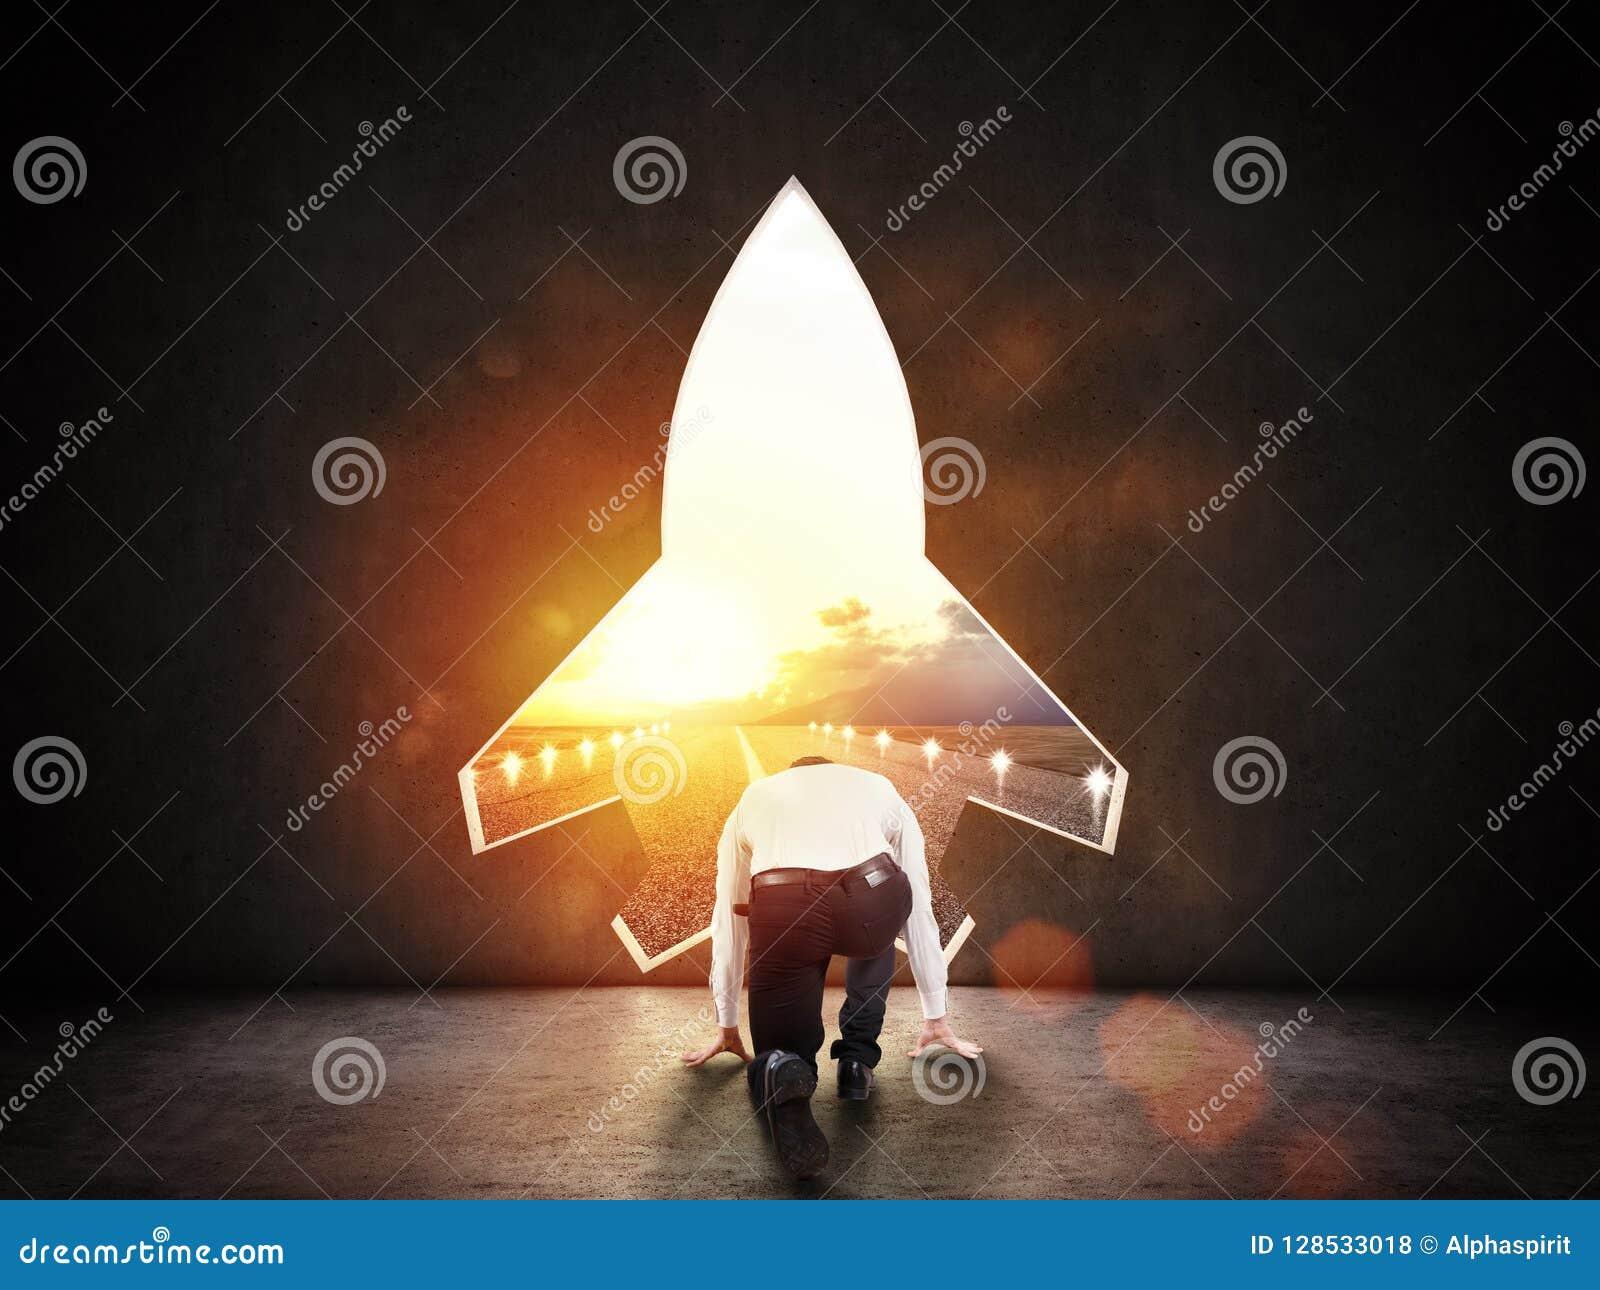 Concetto della partenza con un foro di forma del razzo nella parete che allude alla partenza verso i nuovi scopi